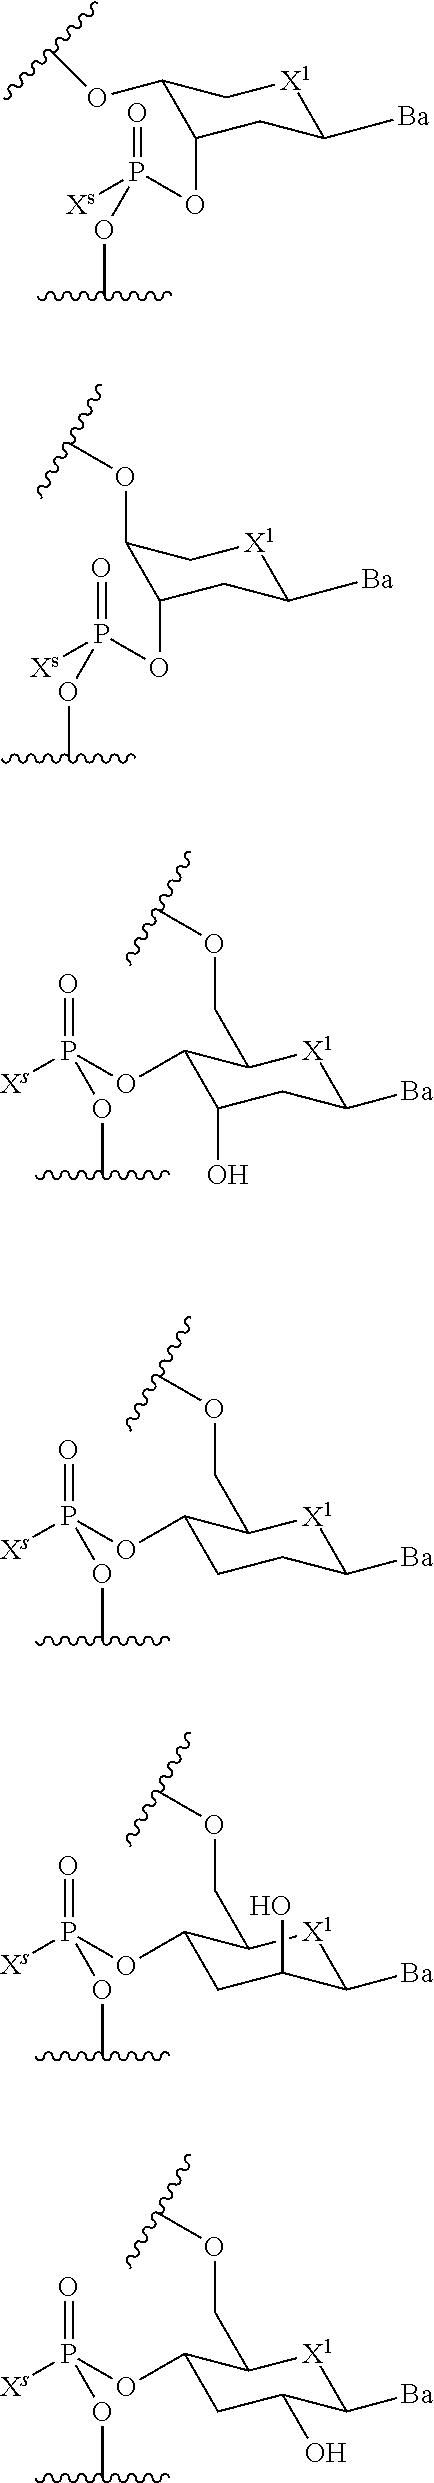 Figure US10160969-20181225-C00203